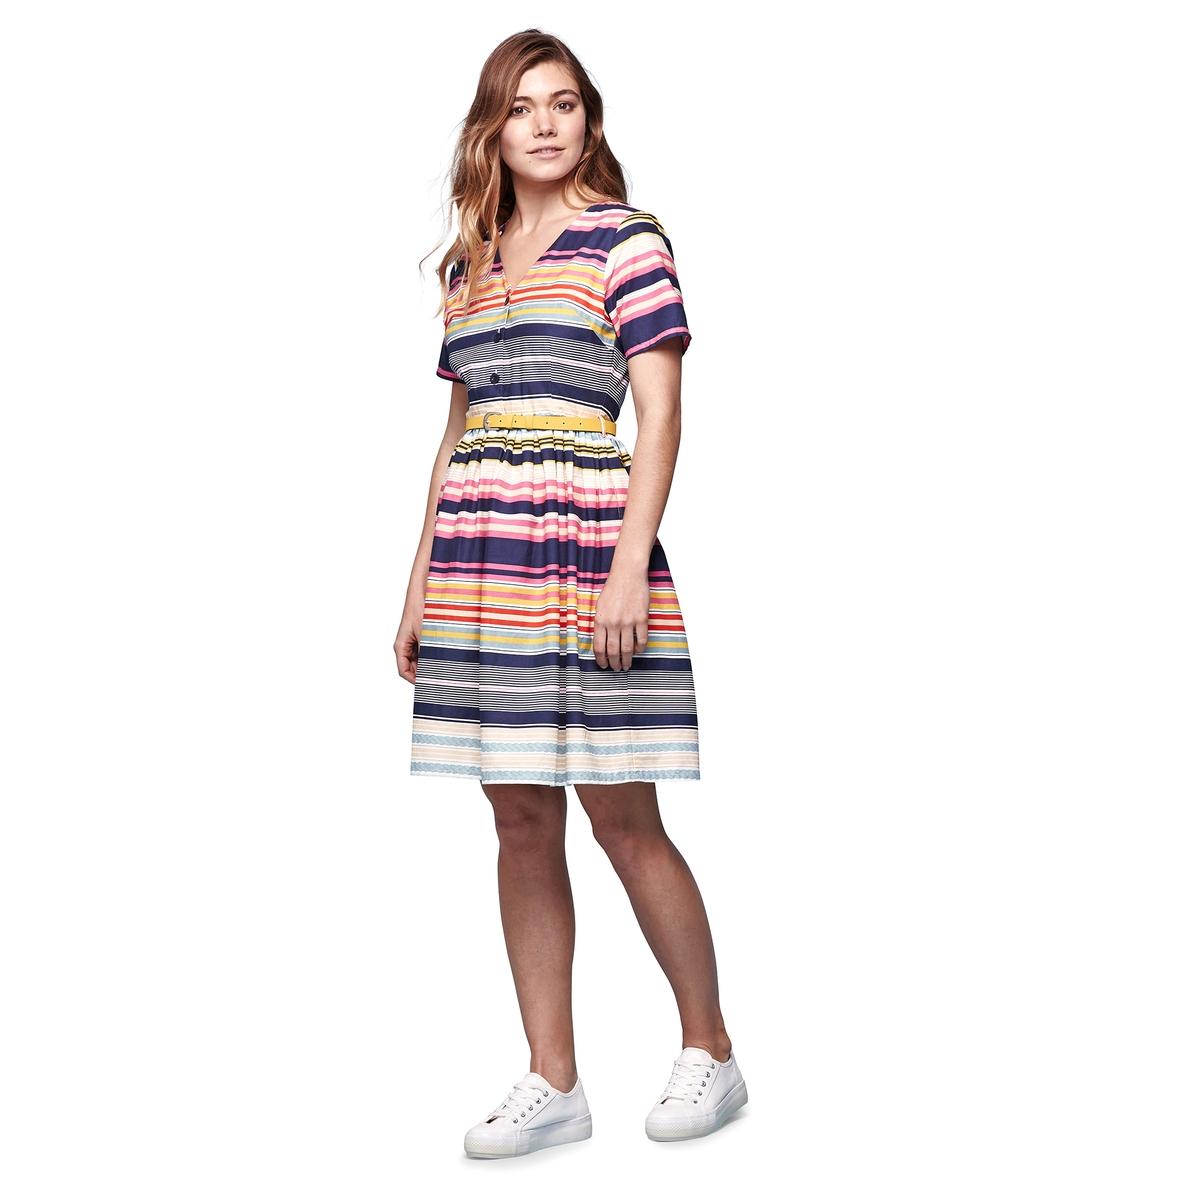 Платье расклешенное в разноцветную полоскуДетали   •  Форма : расклешенная   •  короткое  •  Короткие рукава    •   V-образный вырез  •  Рисунок в полоску Состав и уход •  100% хлопок   •  Следуйте советам по уходу, указанным на этикетке<br><br>Цвет: разноцветный